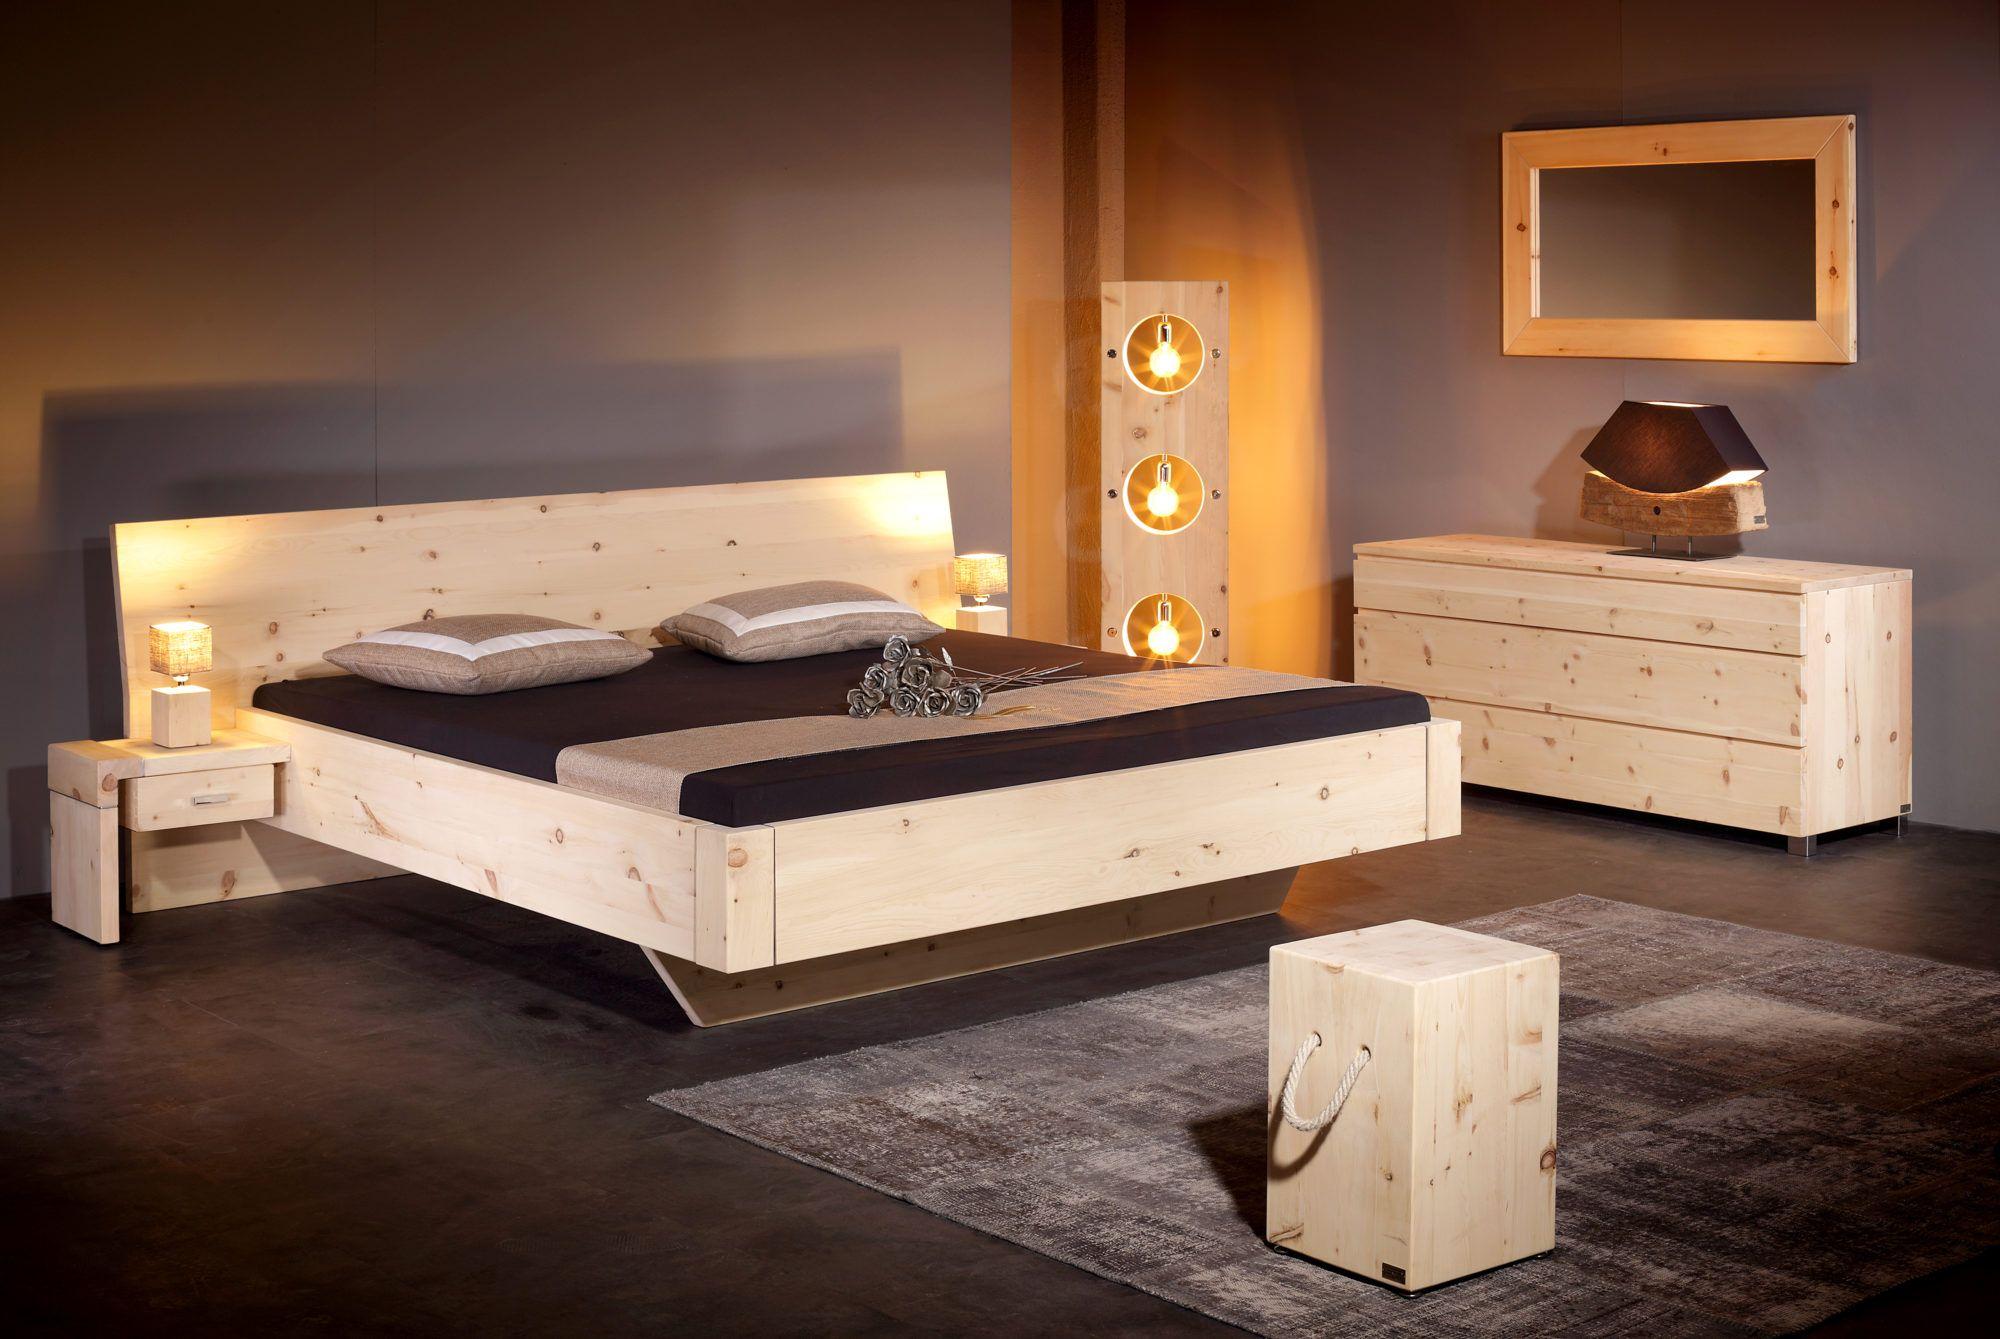 Bett Alpina Arve Zirbe Zirbenholz Bett Schlafzimmer Einrichten Bett